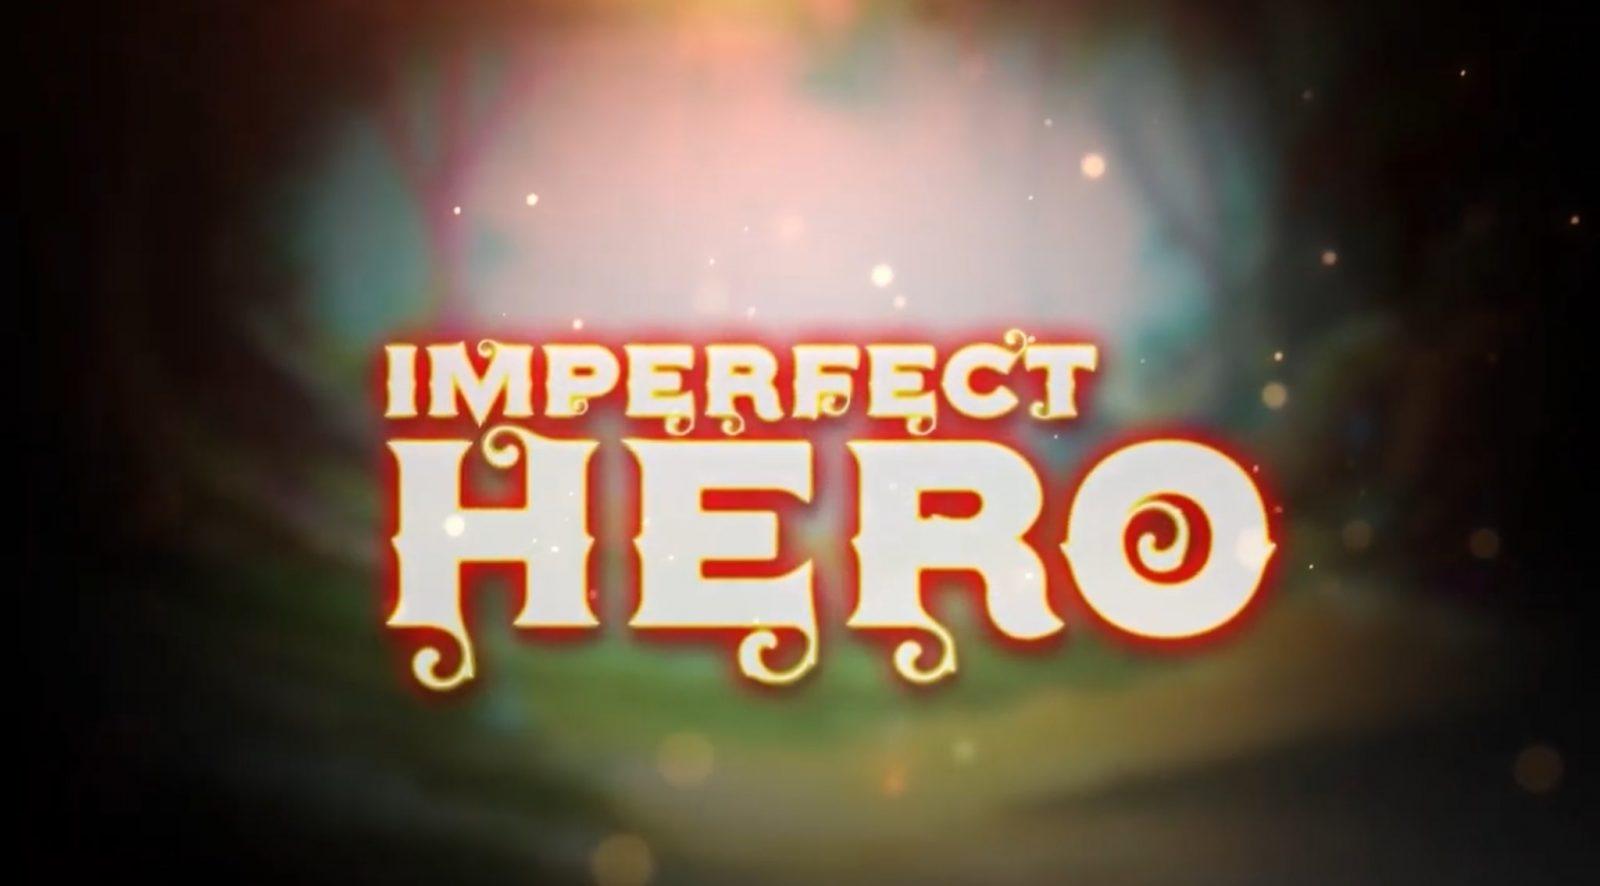 Imperfect Hero